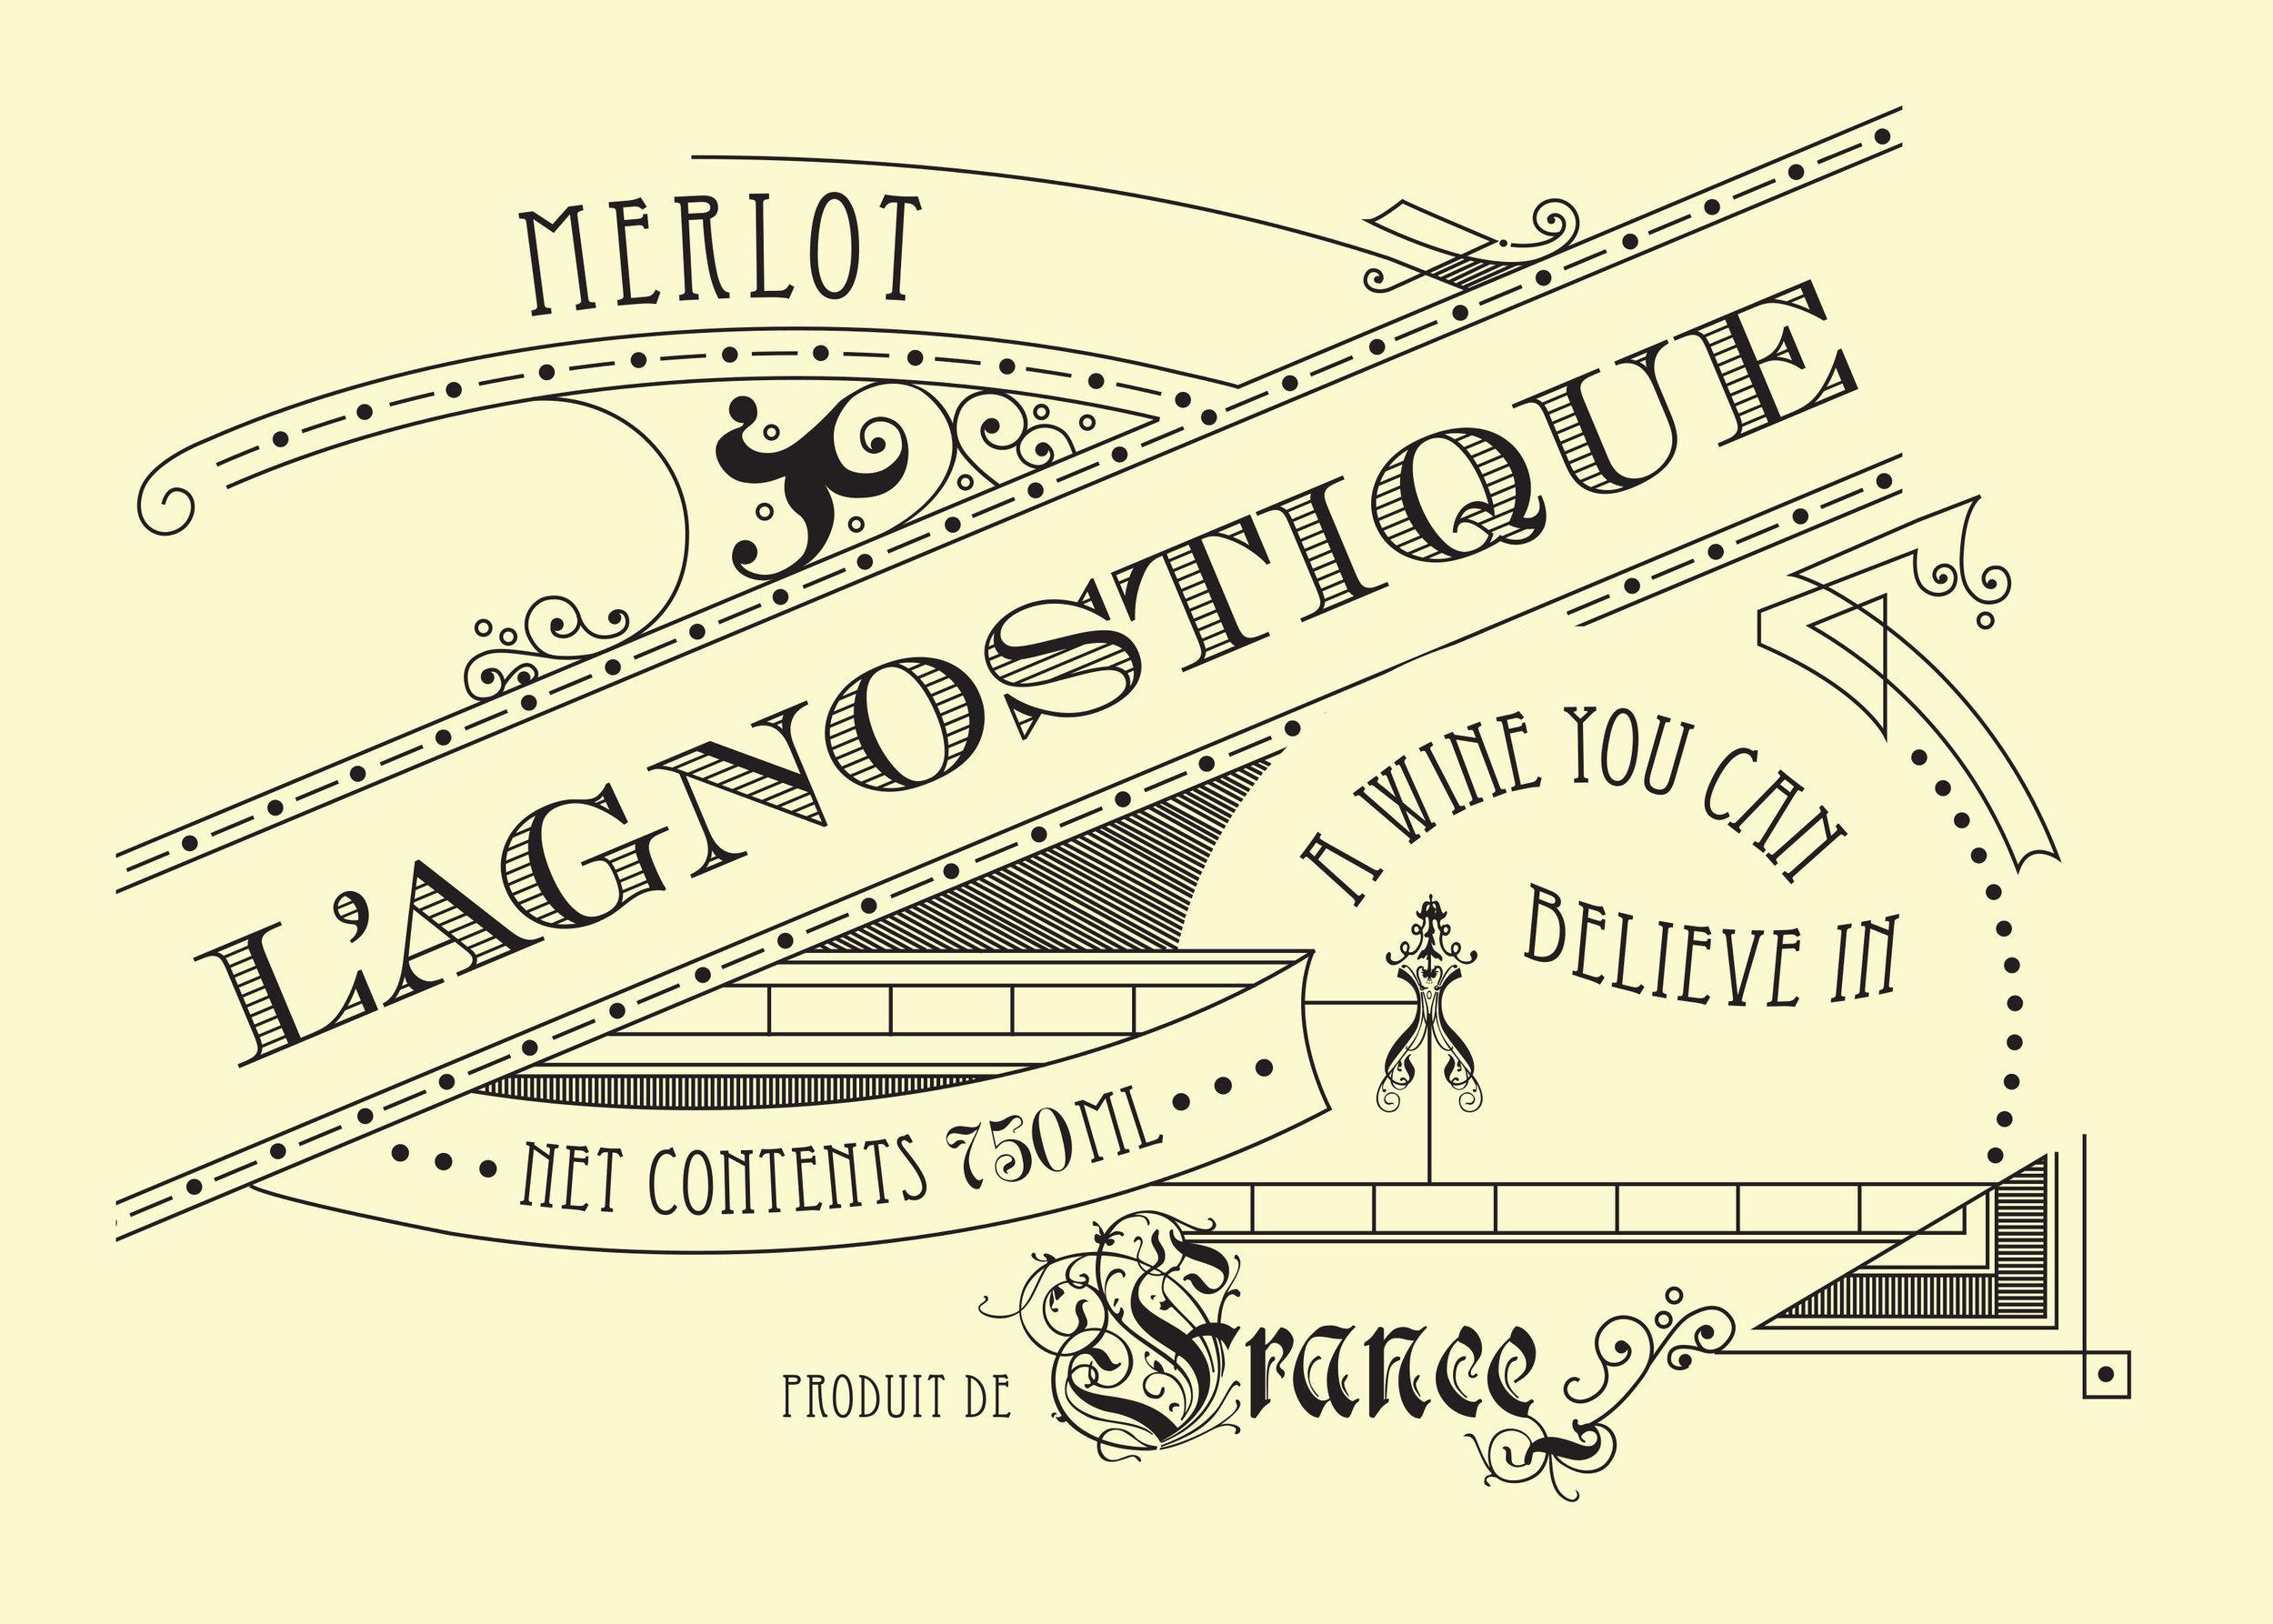 Lagnostique_Merlot_back.jpg